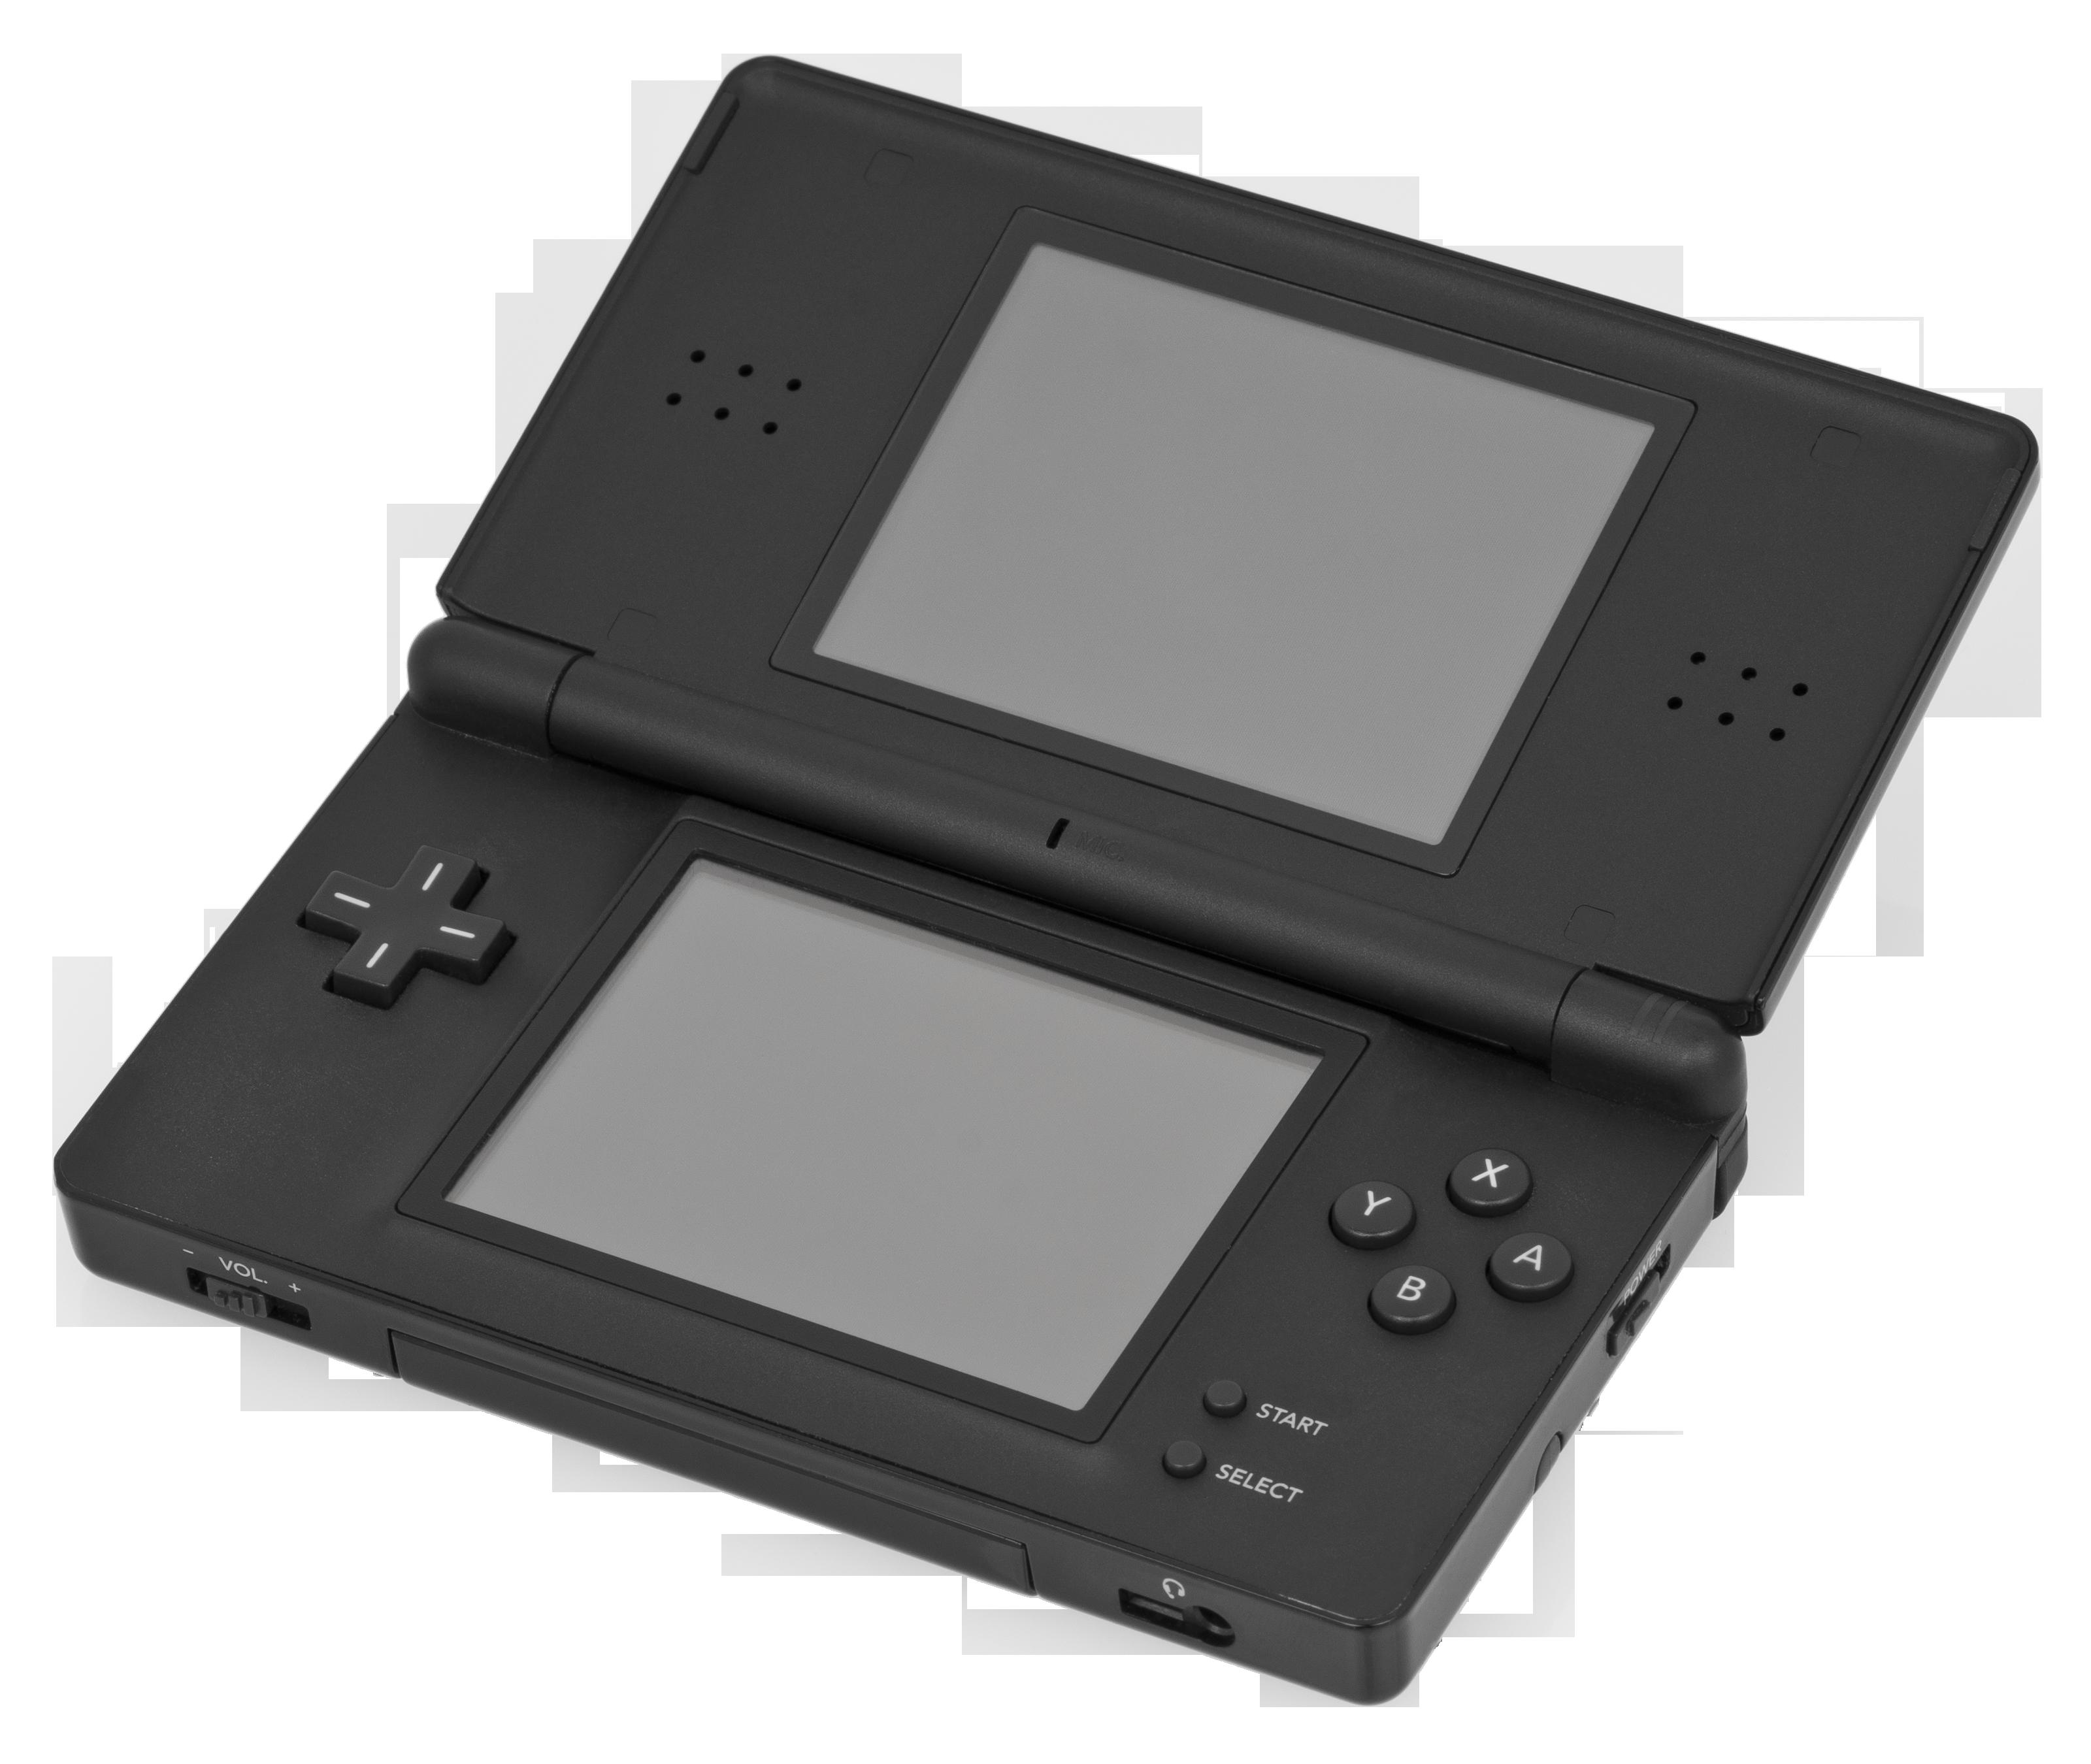 Description Nintendo-DS-Lite-Black-Open.png